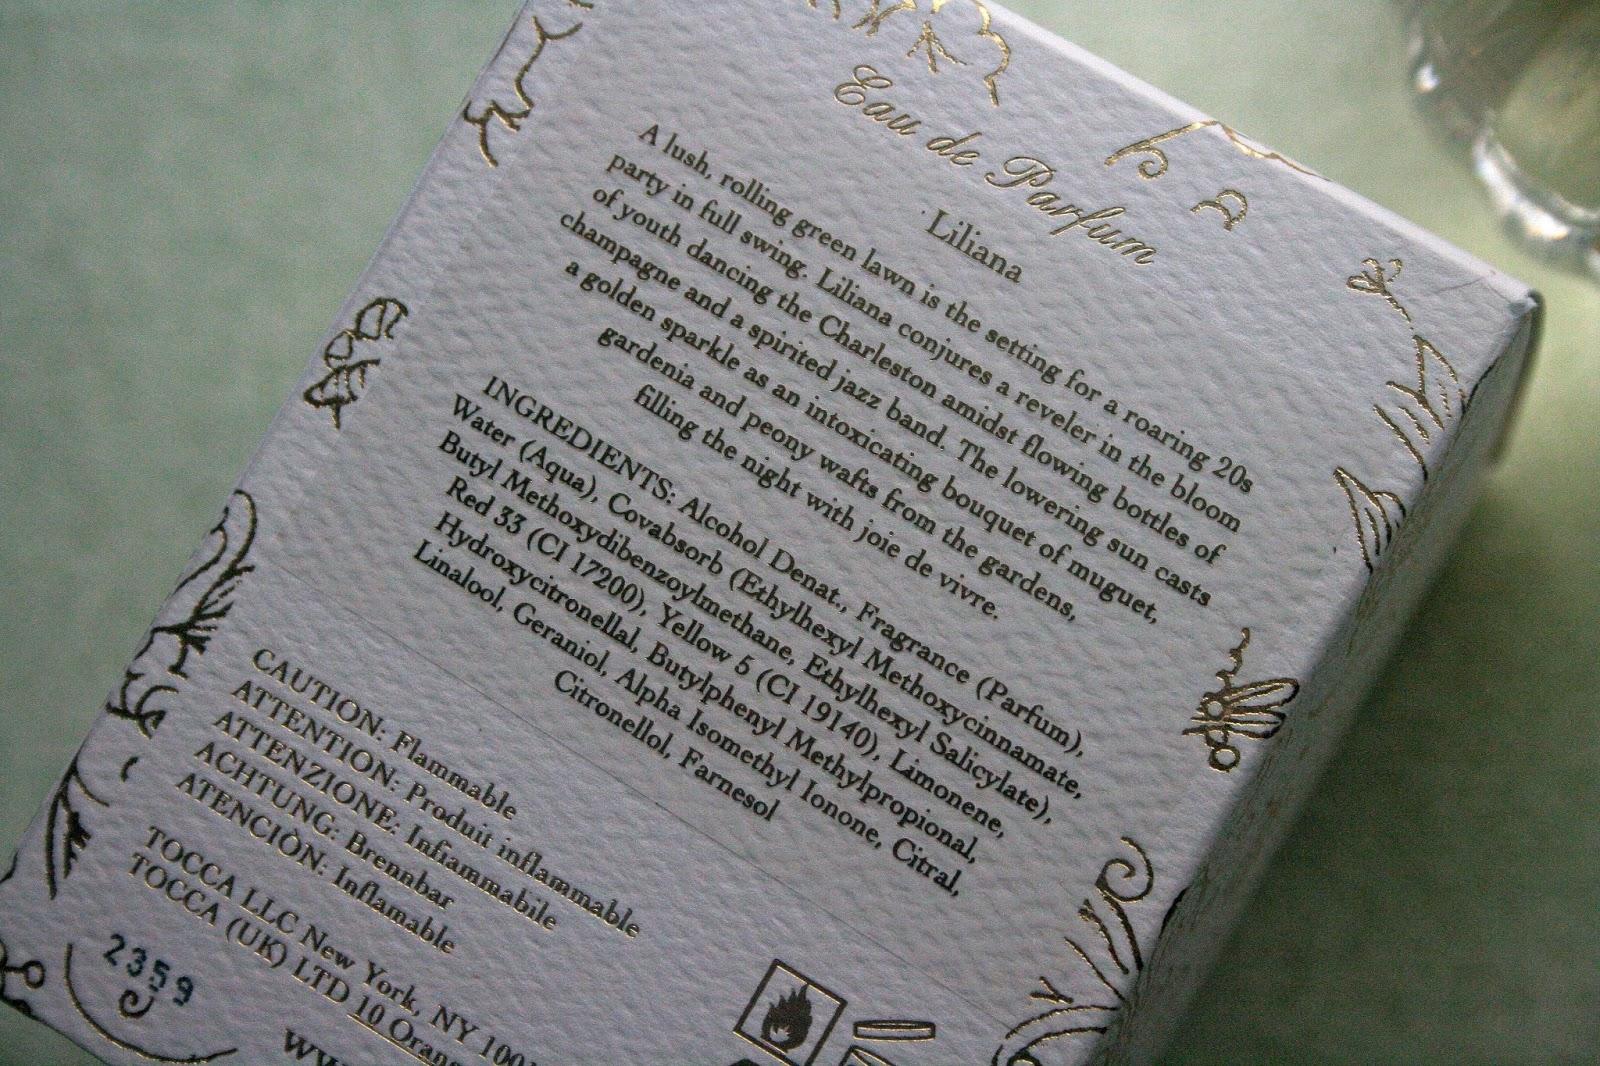 Tocca Liliana Eau de Parfum Ingredients